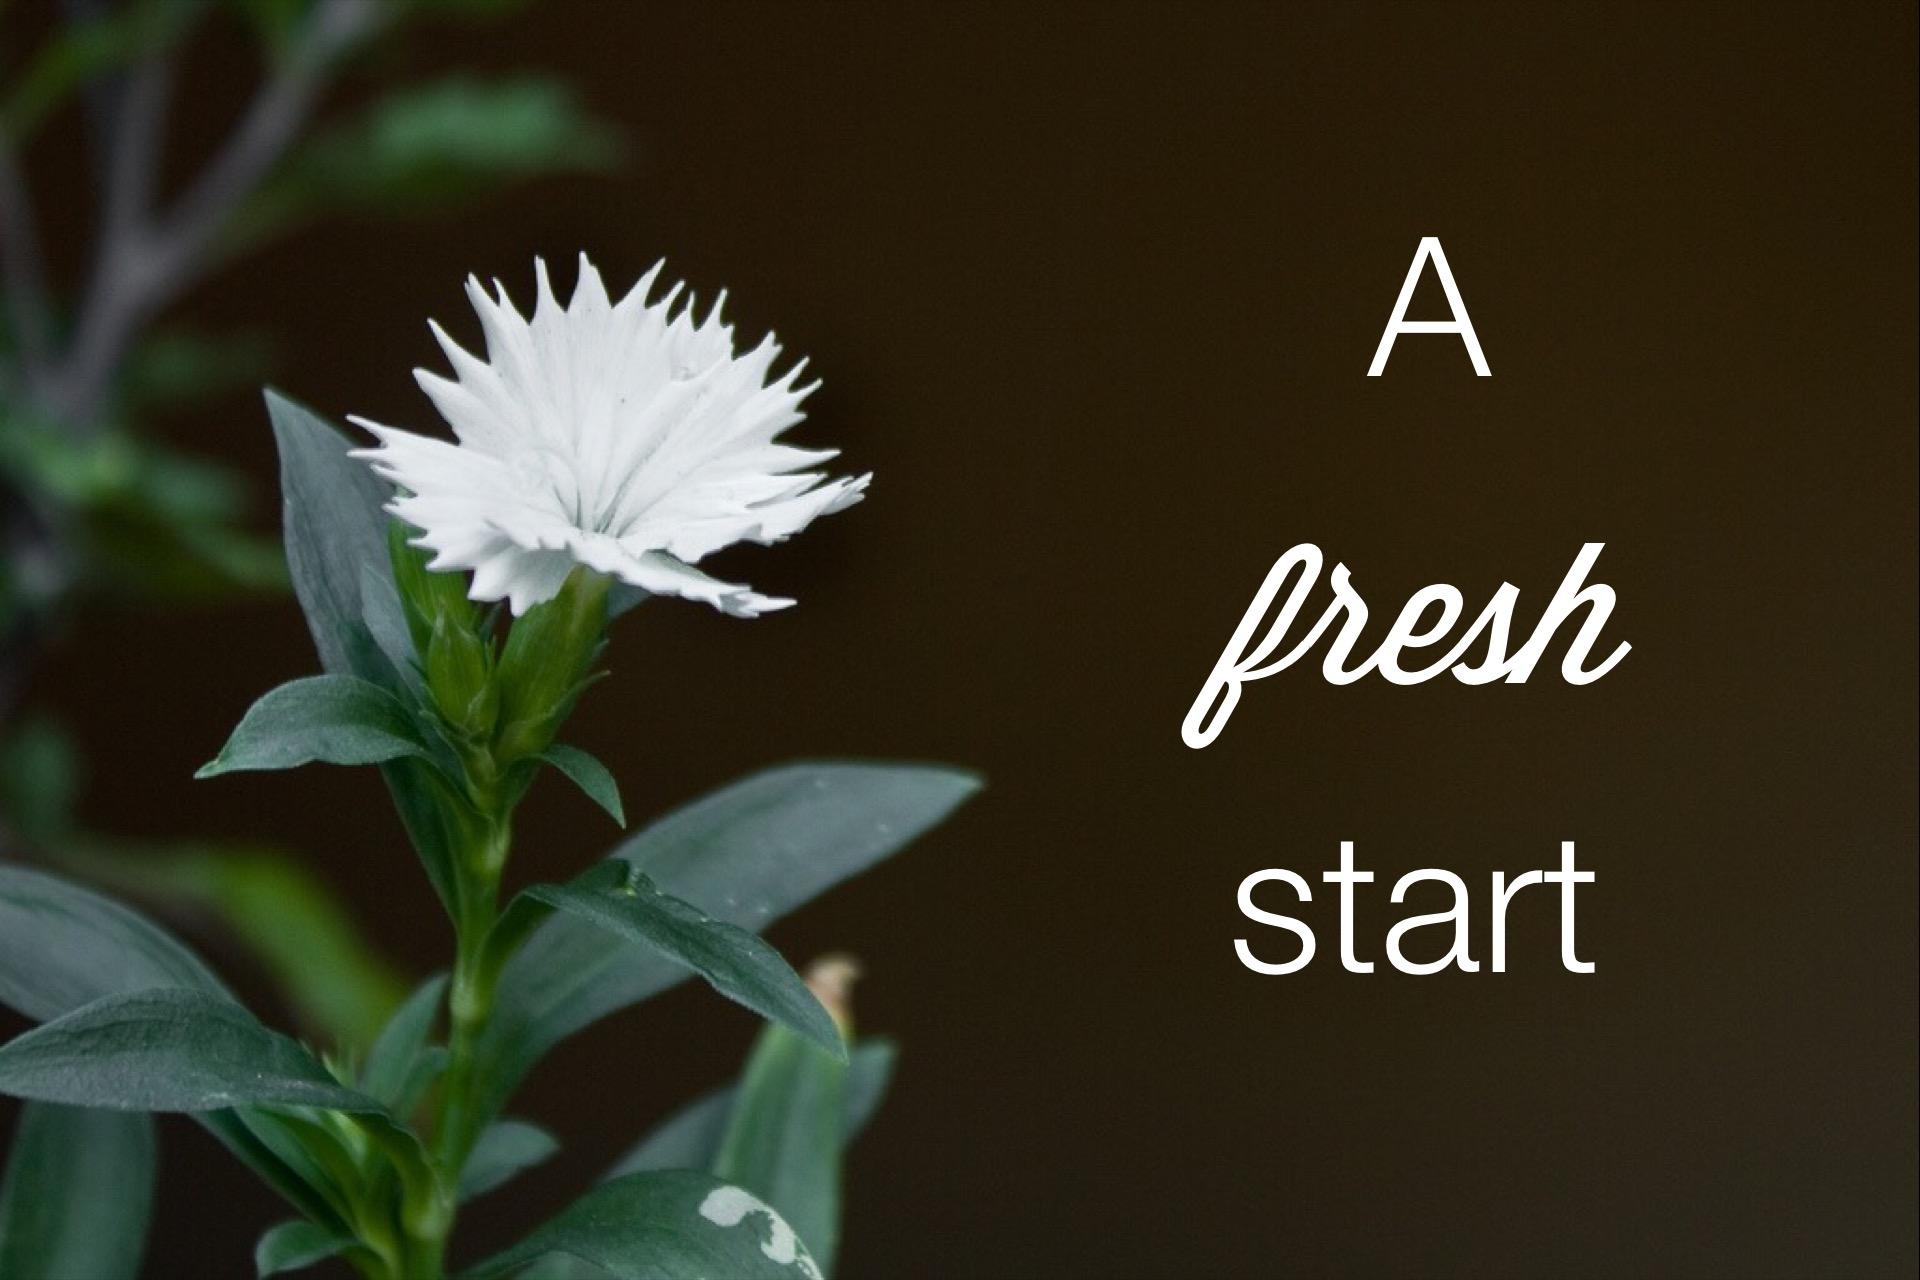 freshstartflower.jpg